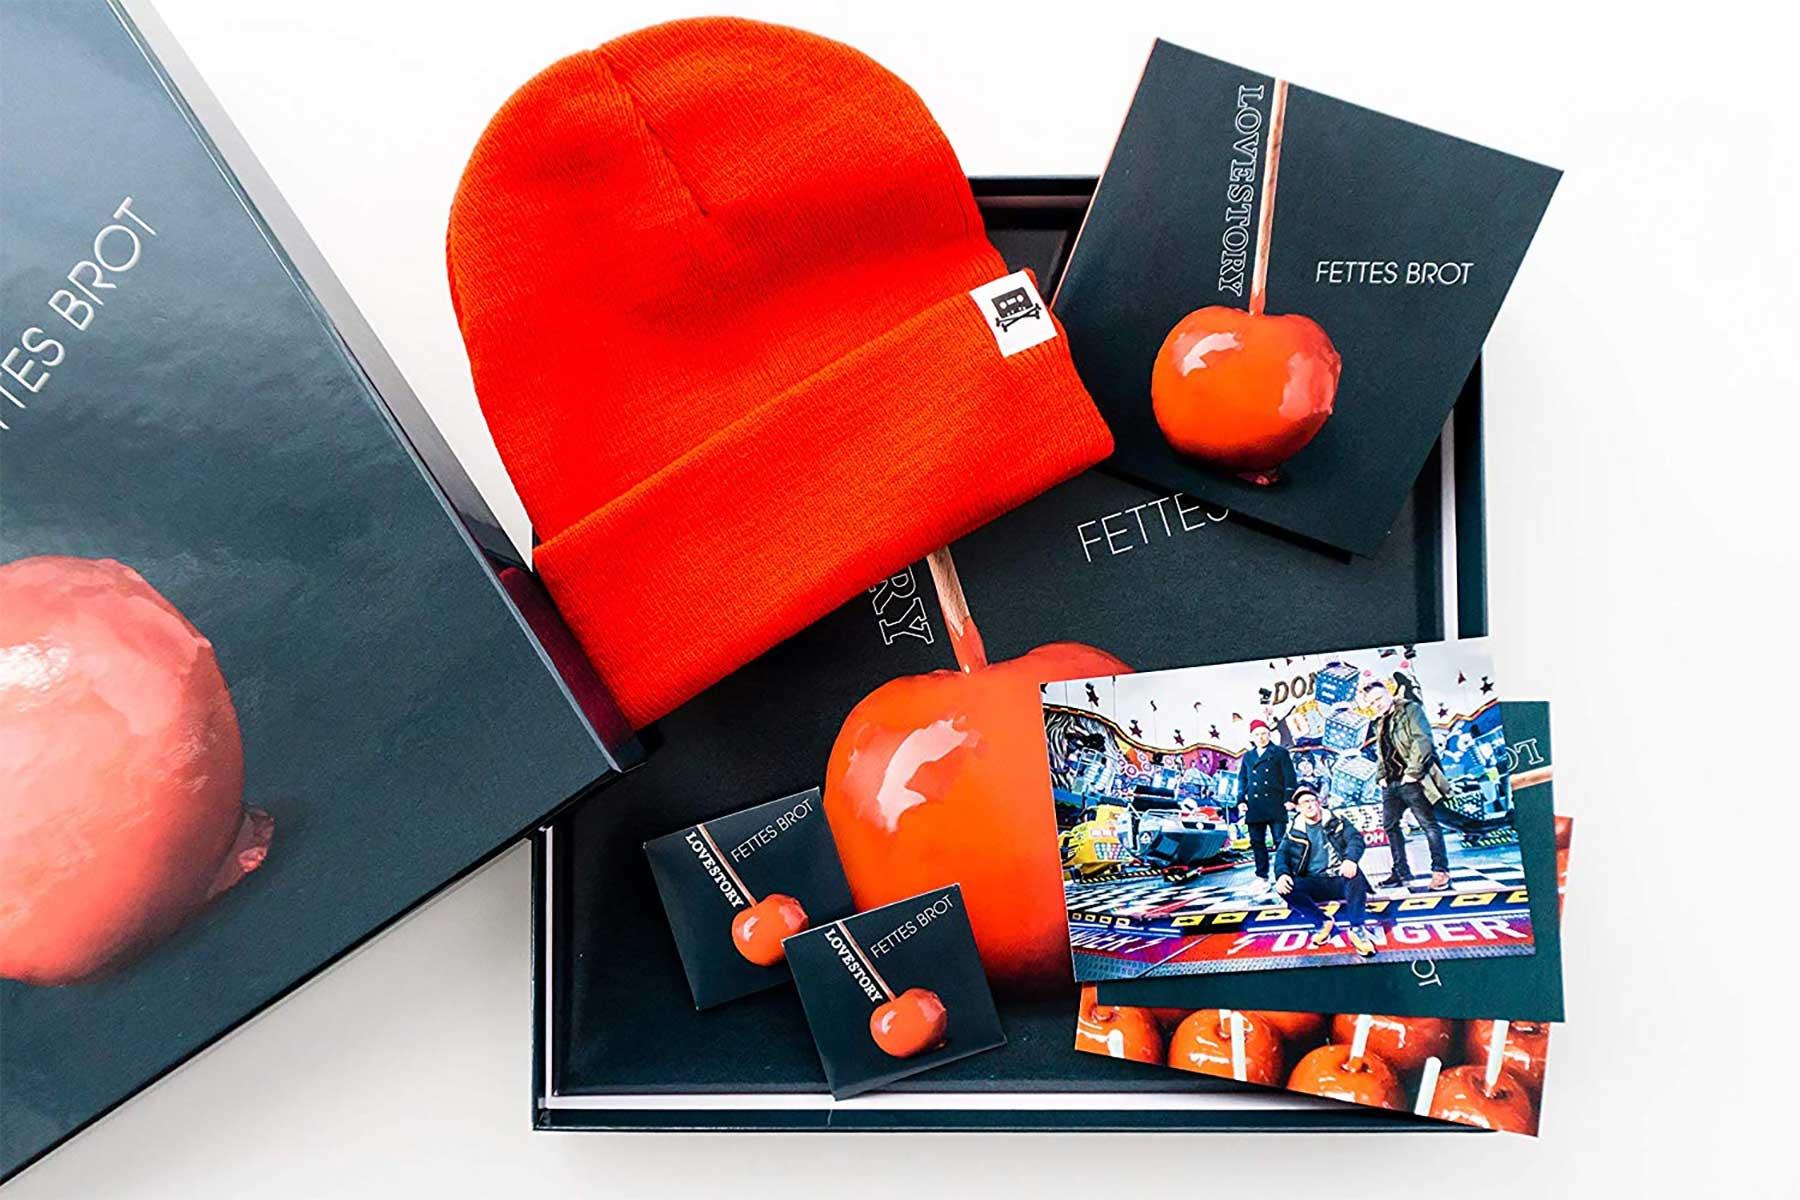 """Gewinnspiel: Fettes Brot """"Lovestory"""" (Limited Deluxe Box Set mit Doppel-Vinyl + CD)"""